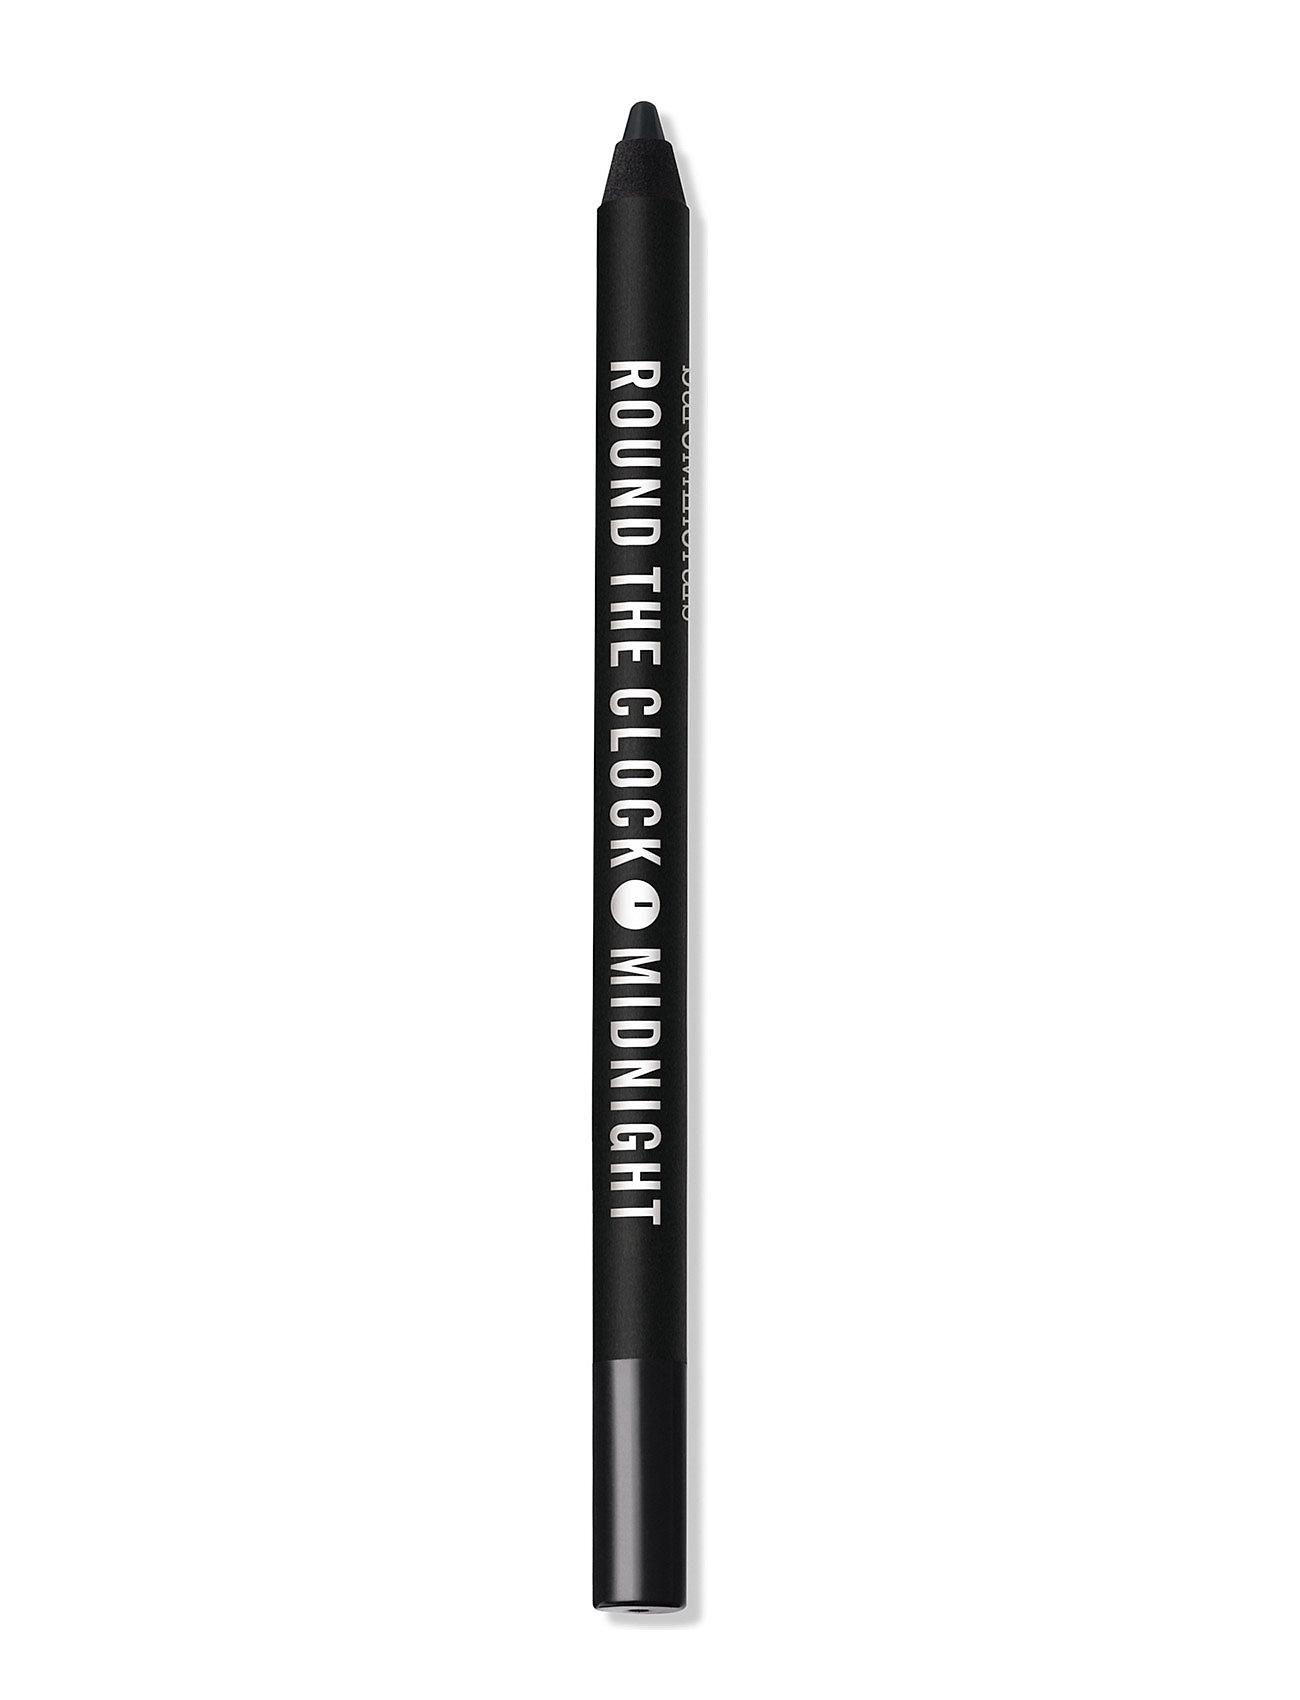 Image of Round The Clock Eyeliner Eyeliner Makeup Blå BareMinerals (3292375015)